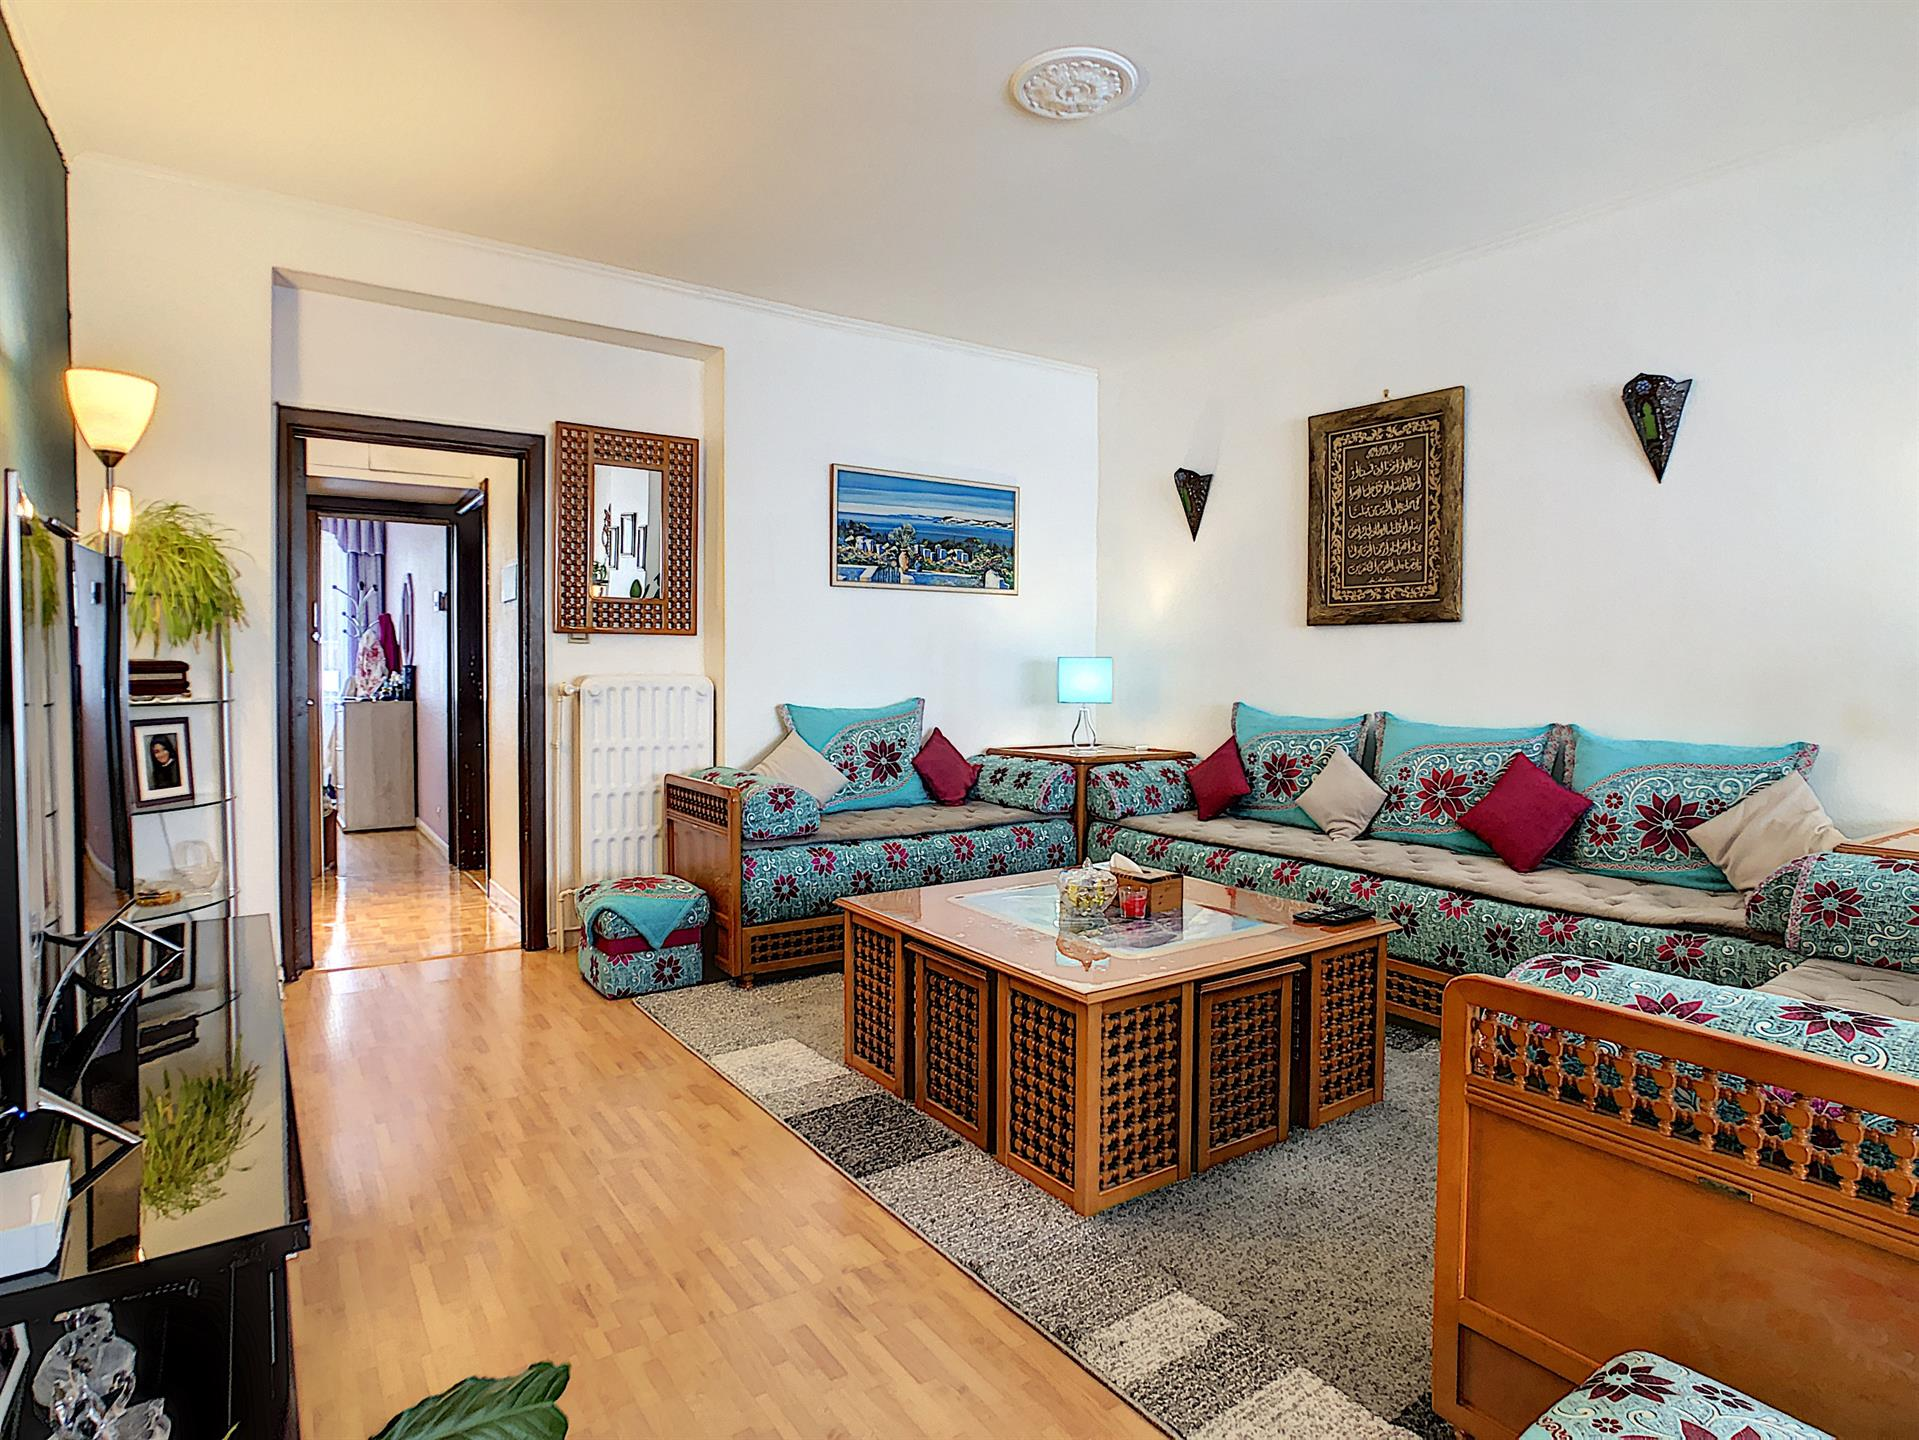 Appartement - Berchem-Sainte-Agathe - #4143753-1